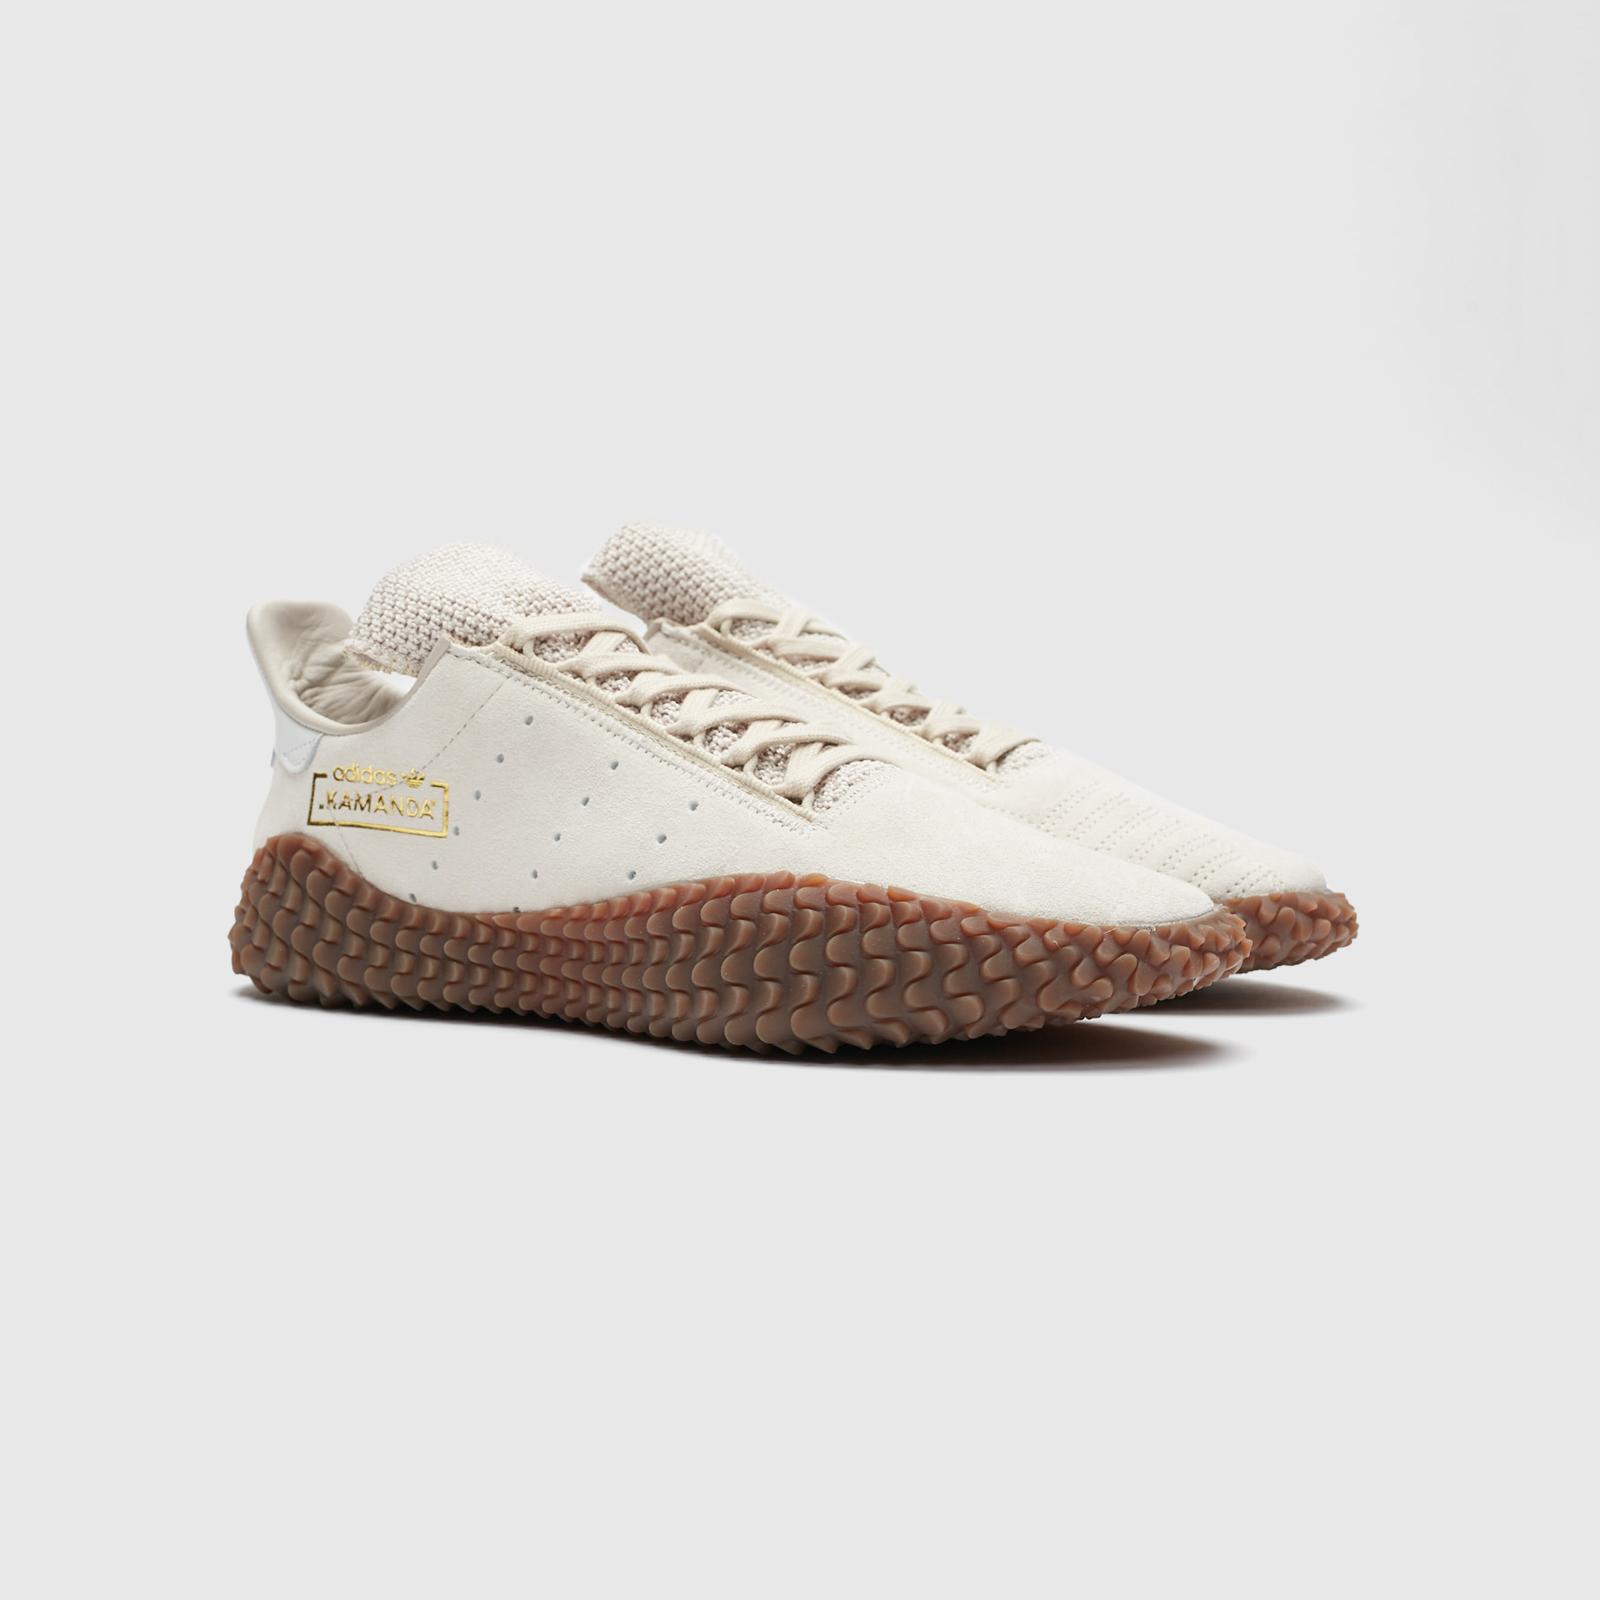 c602dfb27d5a adidas Kamanda 01 - B41936 - Sneakersnstuff